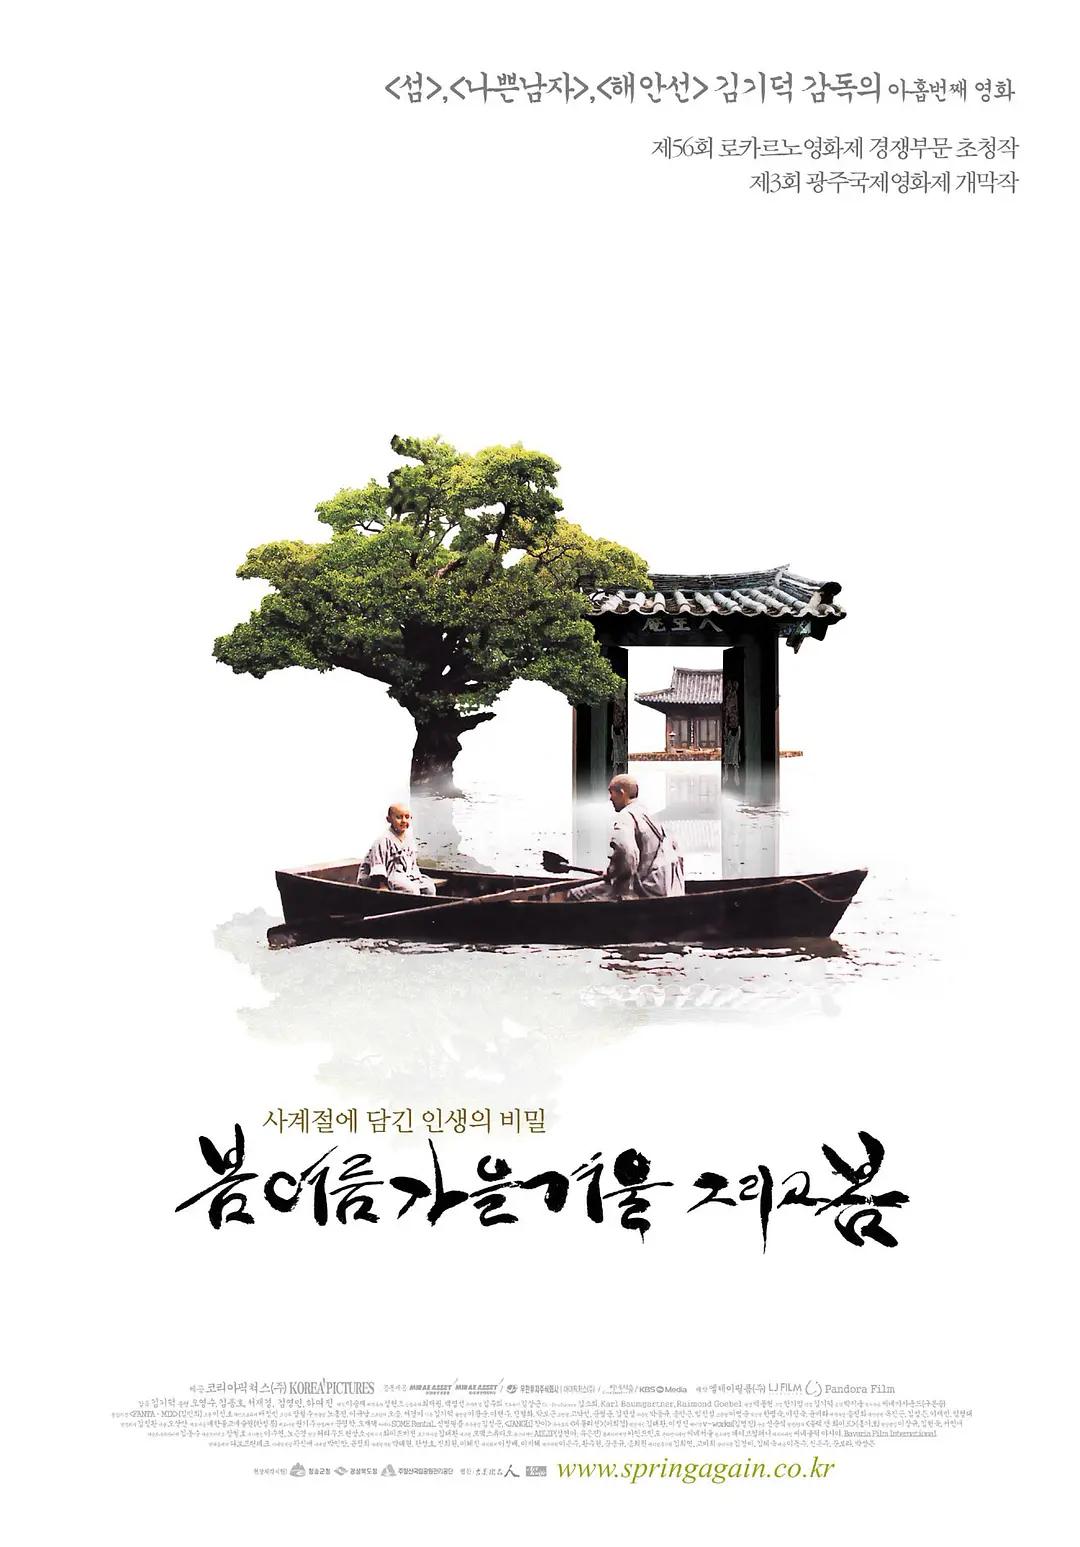 电影《春夏秋冬又一春》禅宗佛理引人入胜的艺术魅力 (1)